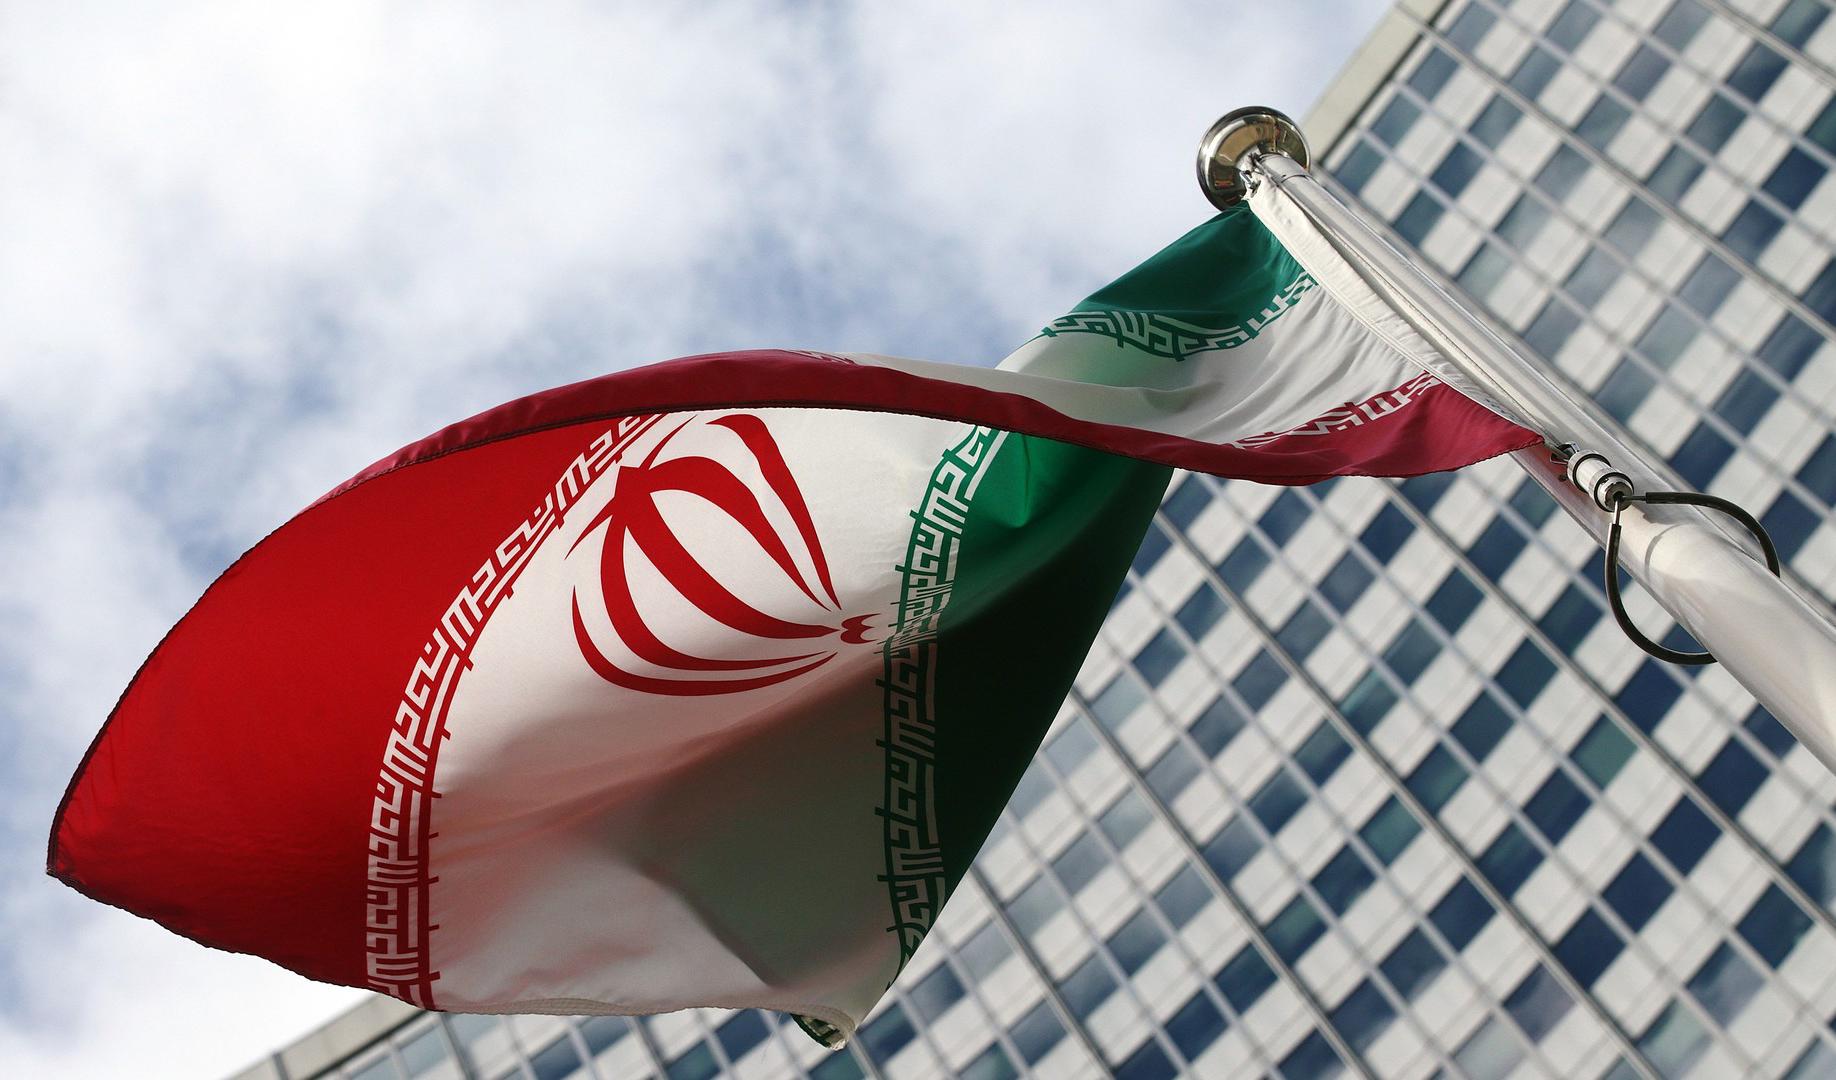 پیشبینی رشد اقتصادی انفجاری برای ایران